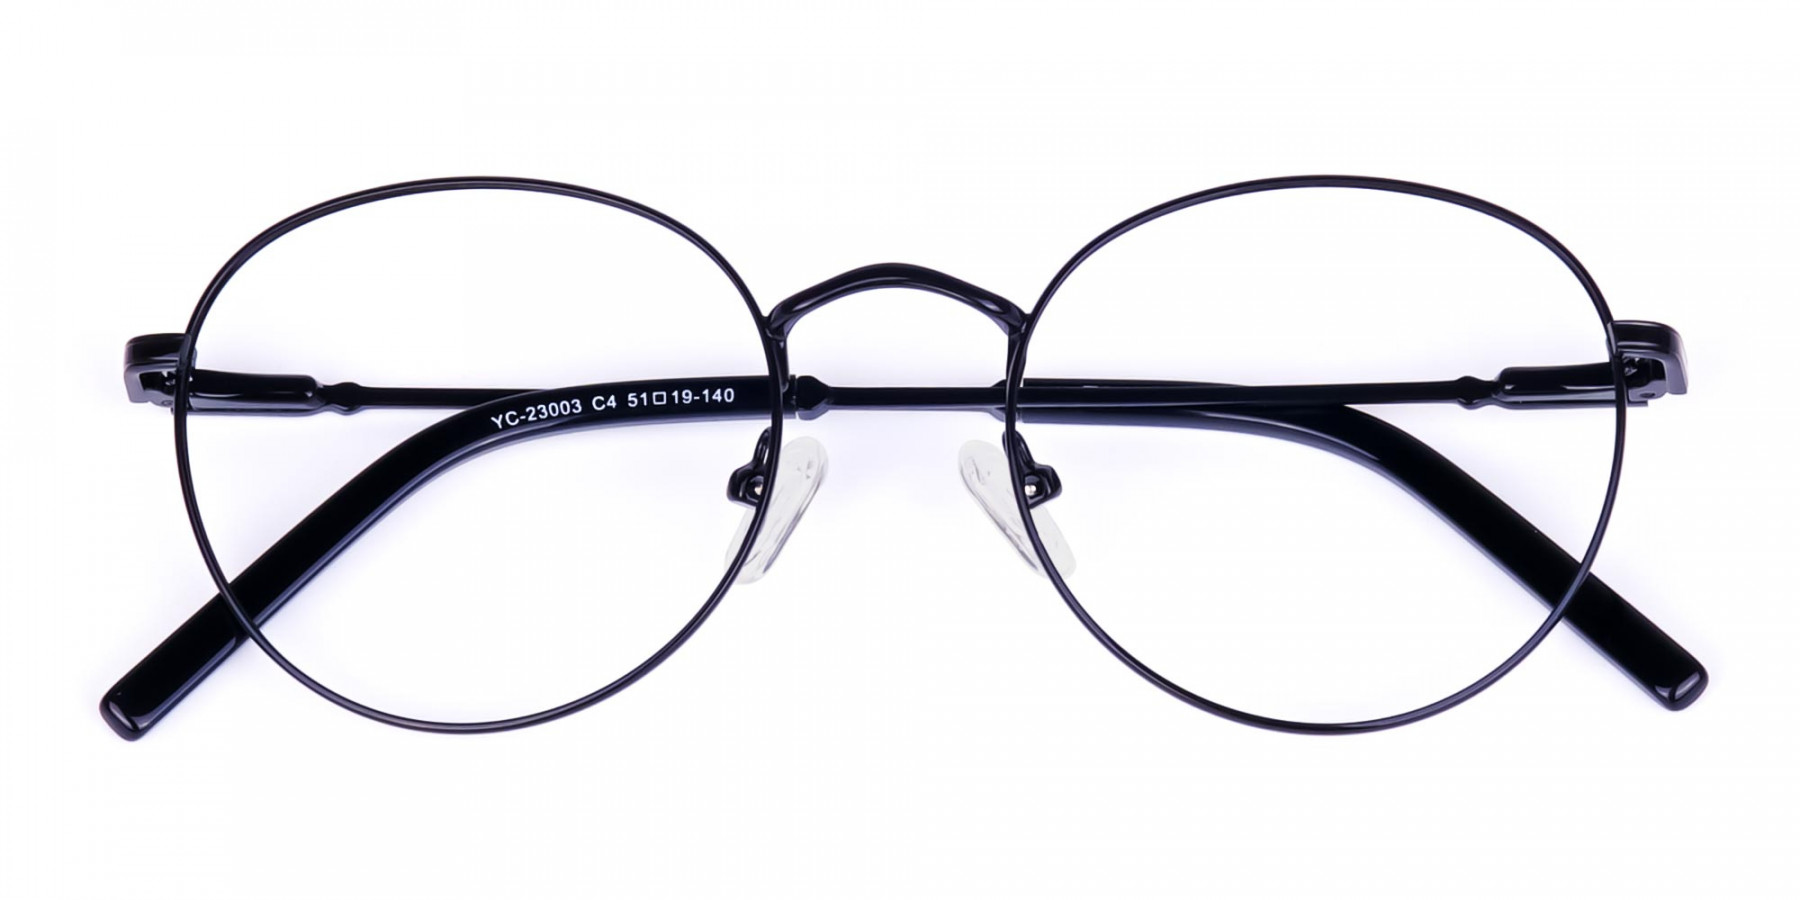 Designer-Black-Round-Glasses-Frame-1